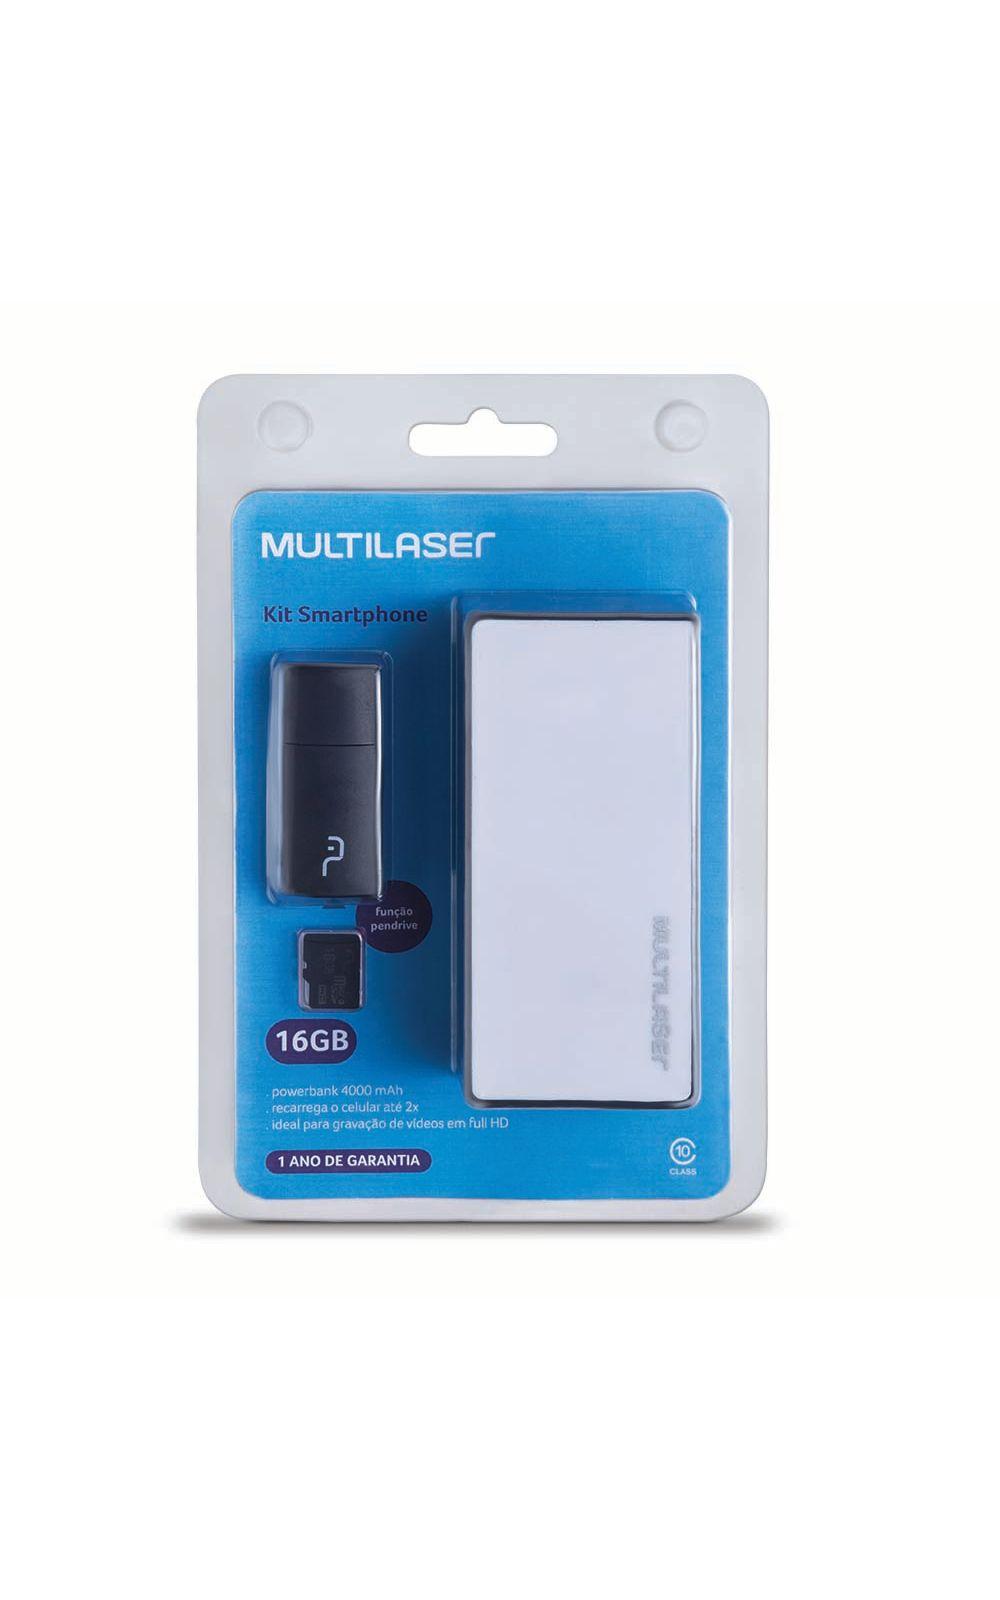 Foto 10 - Kit Power Bank + Pendrive + Cartão de Memória Micro SD com 16GB Multilaser - MC220